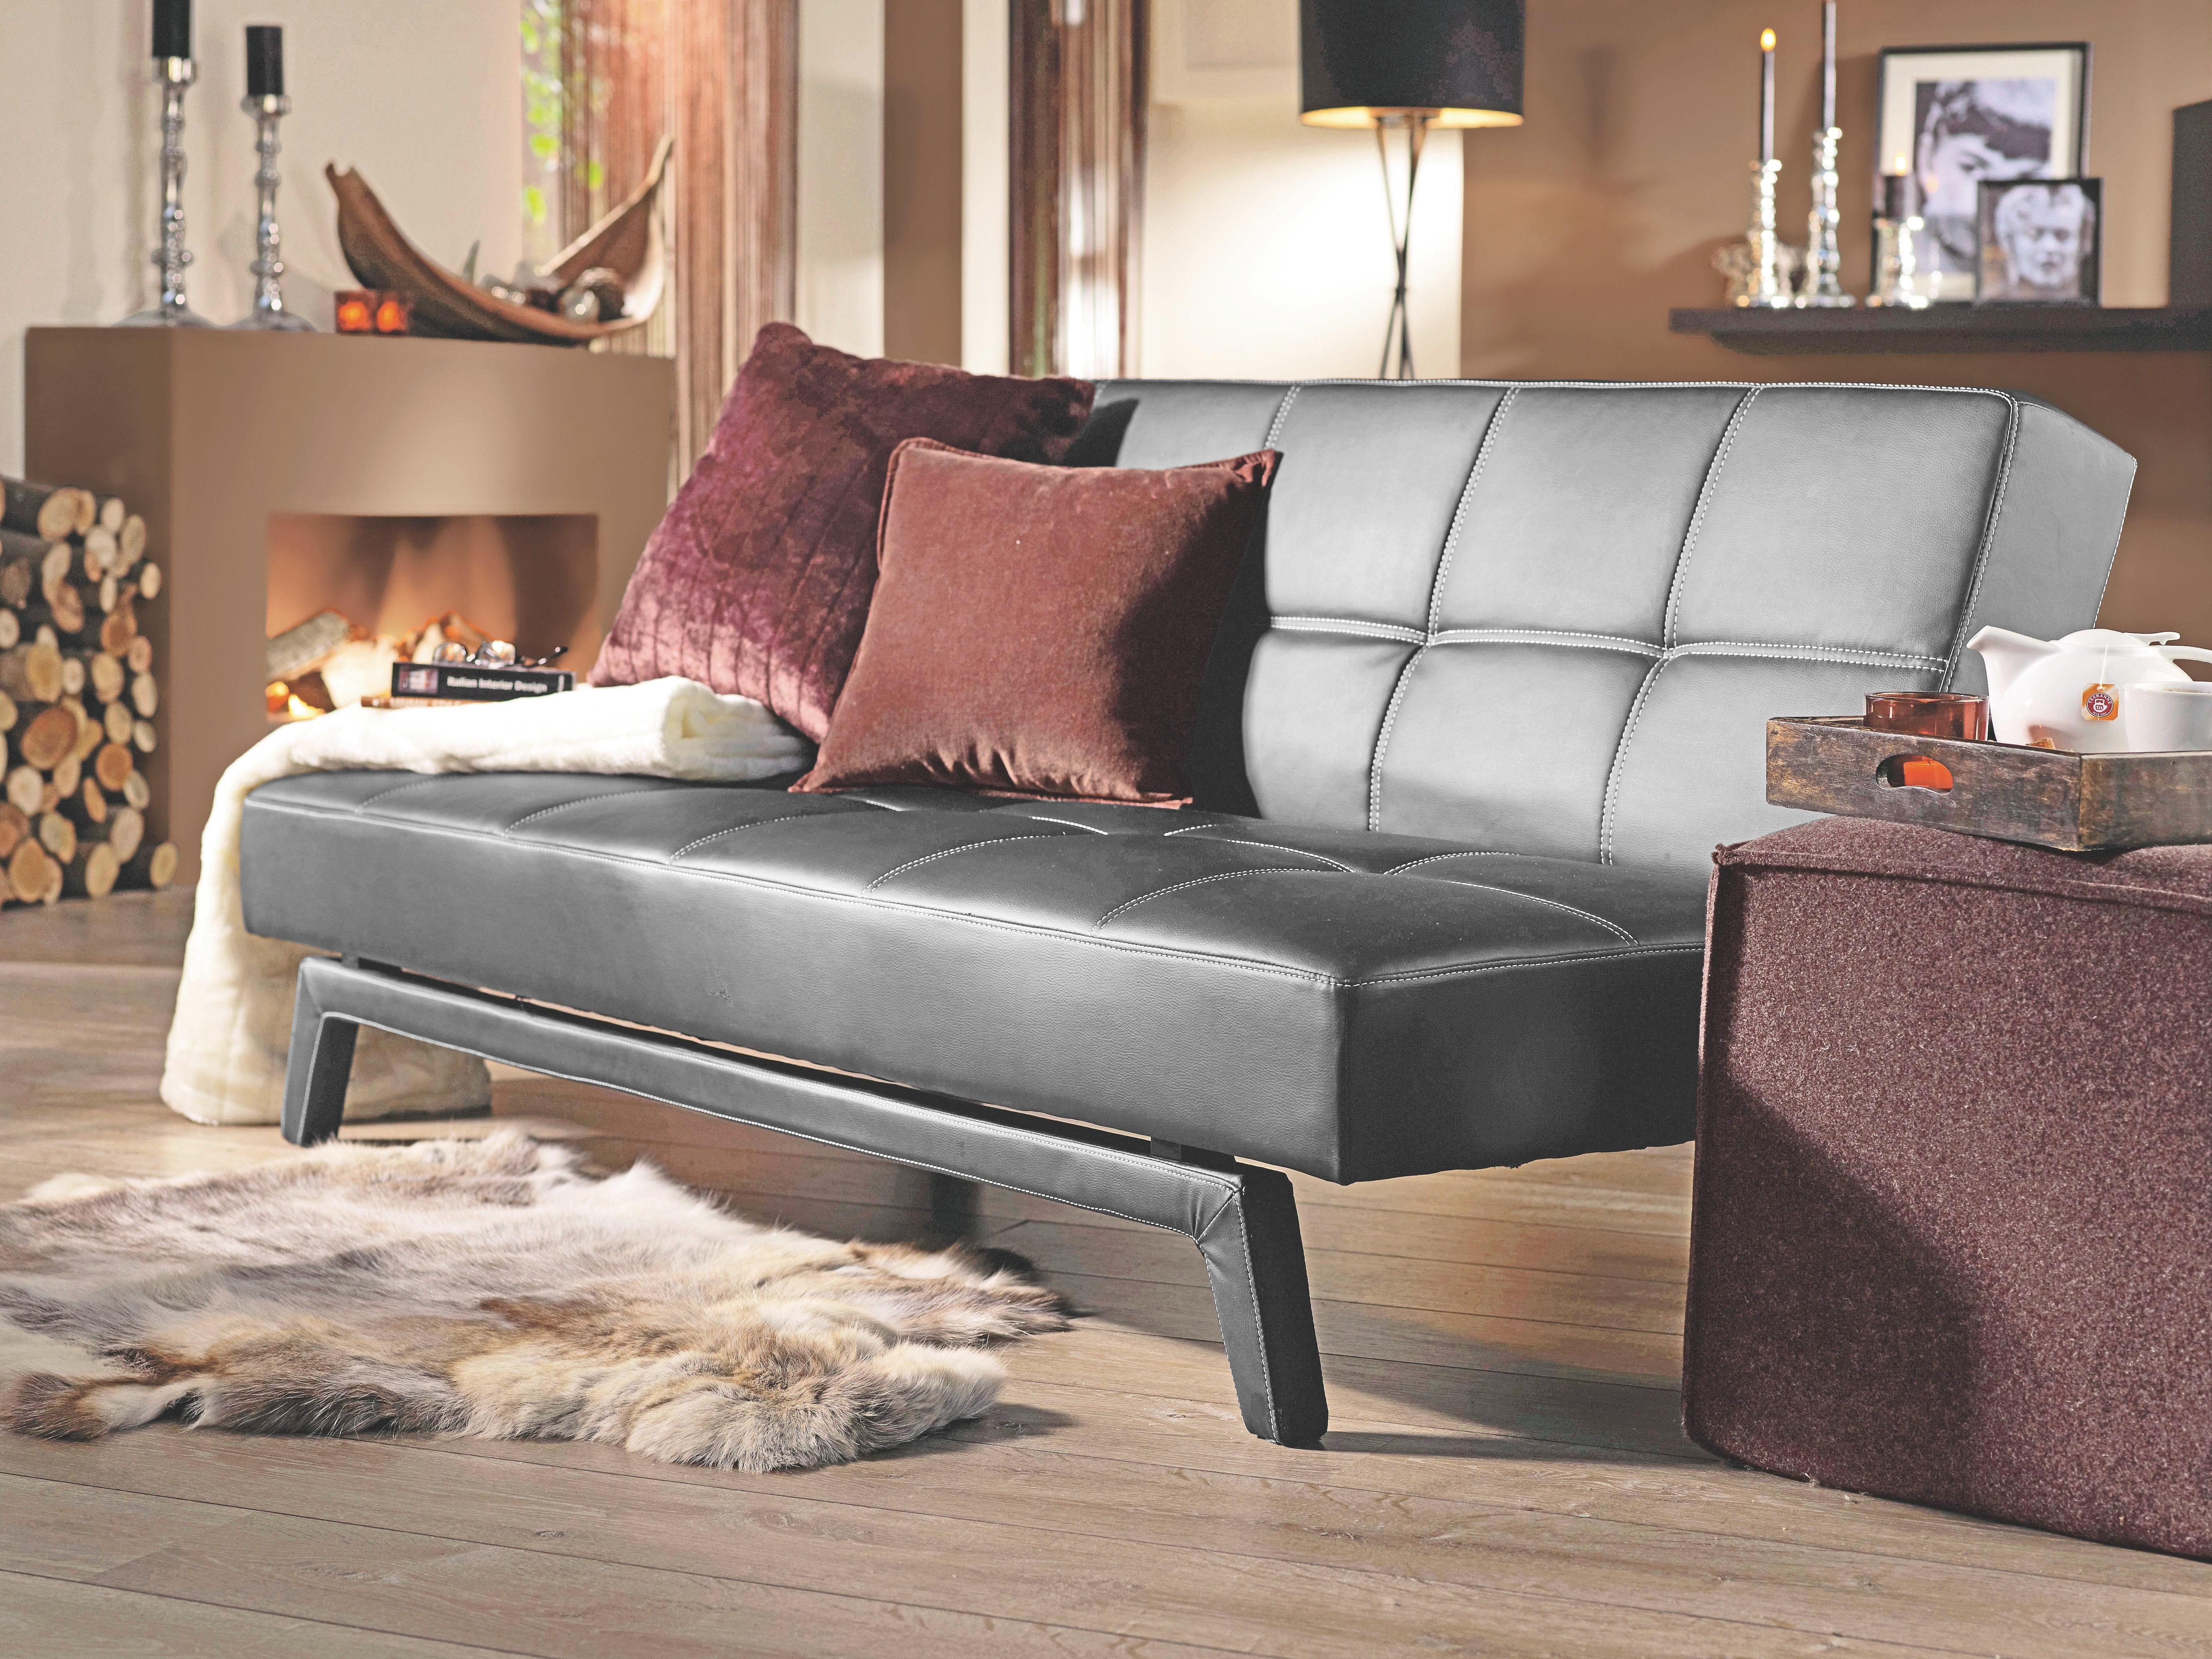 Sofa in Schwarz - Schwarz/Weiß, LIFESTYLE, Holz/Kunststoff (180/79/92cm) - MÖMAX modern living